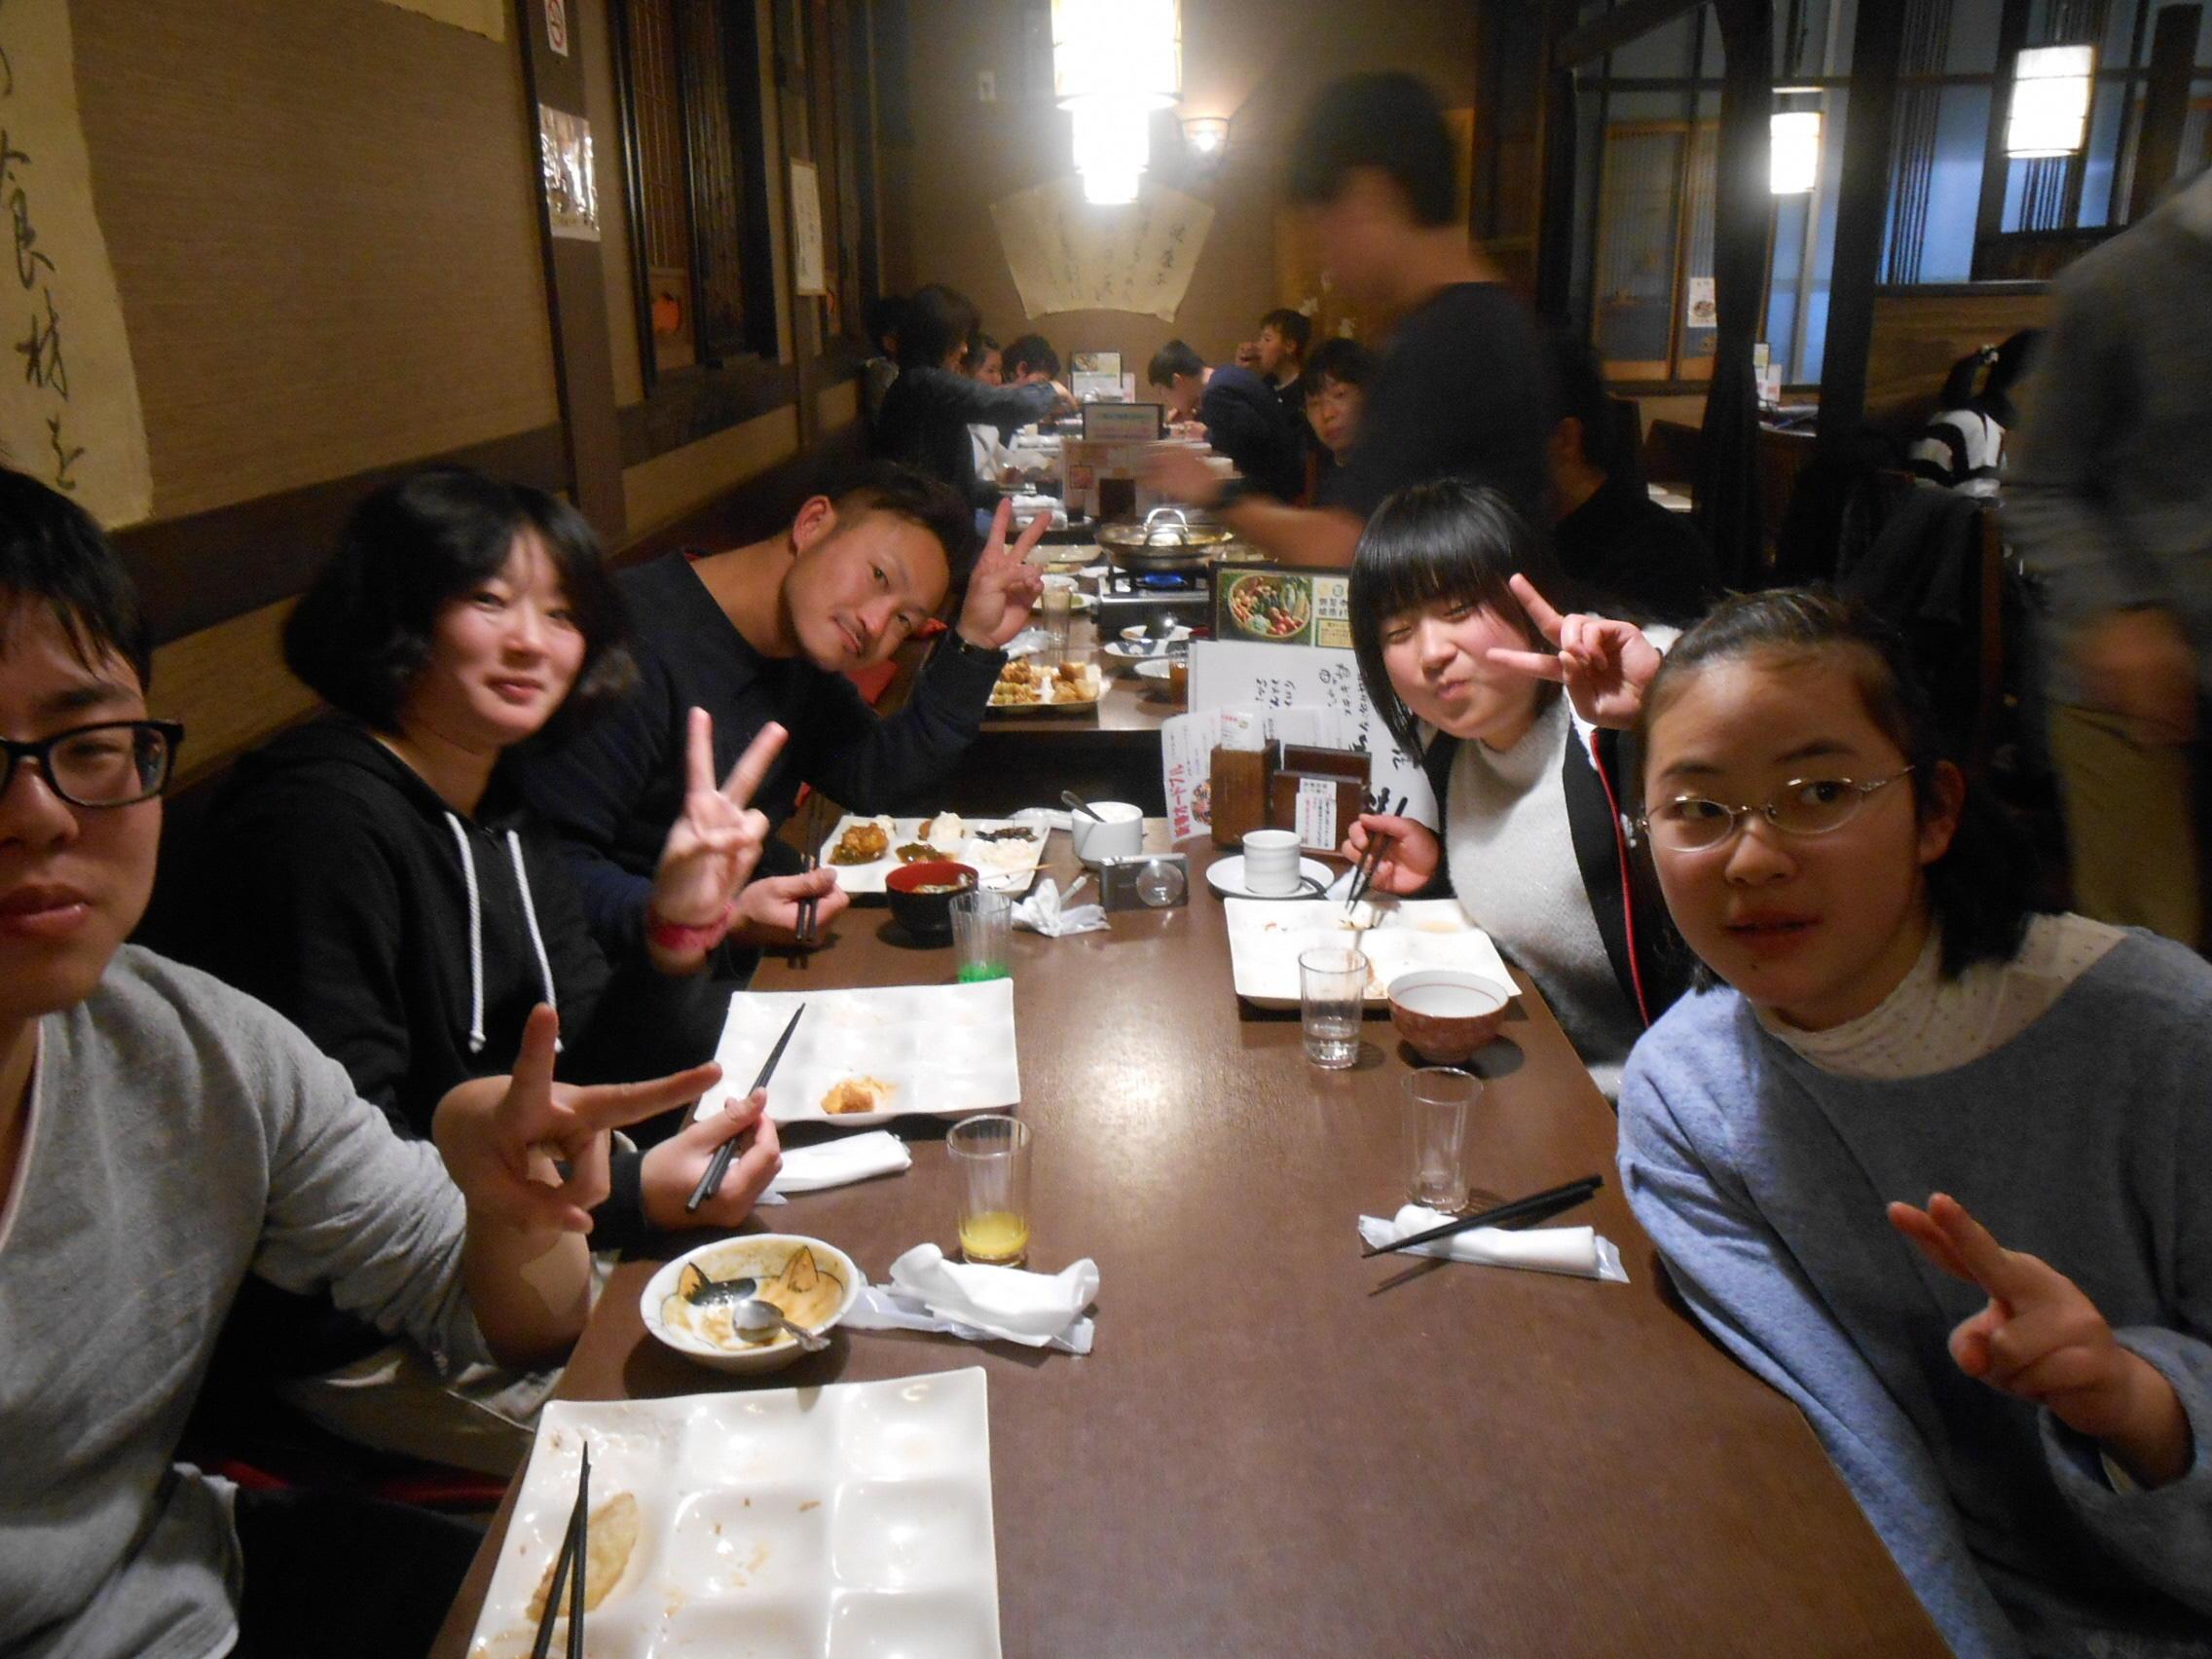 http://www.shimanet.ed.jp/hamadayougo/news/DSCN3265.JPG